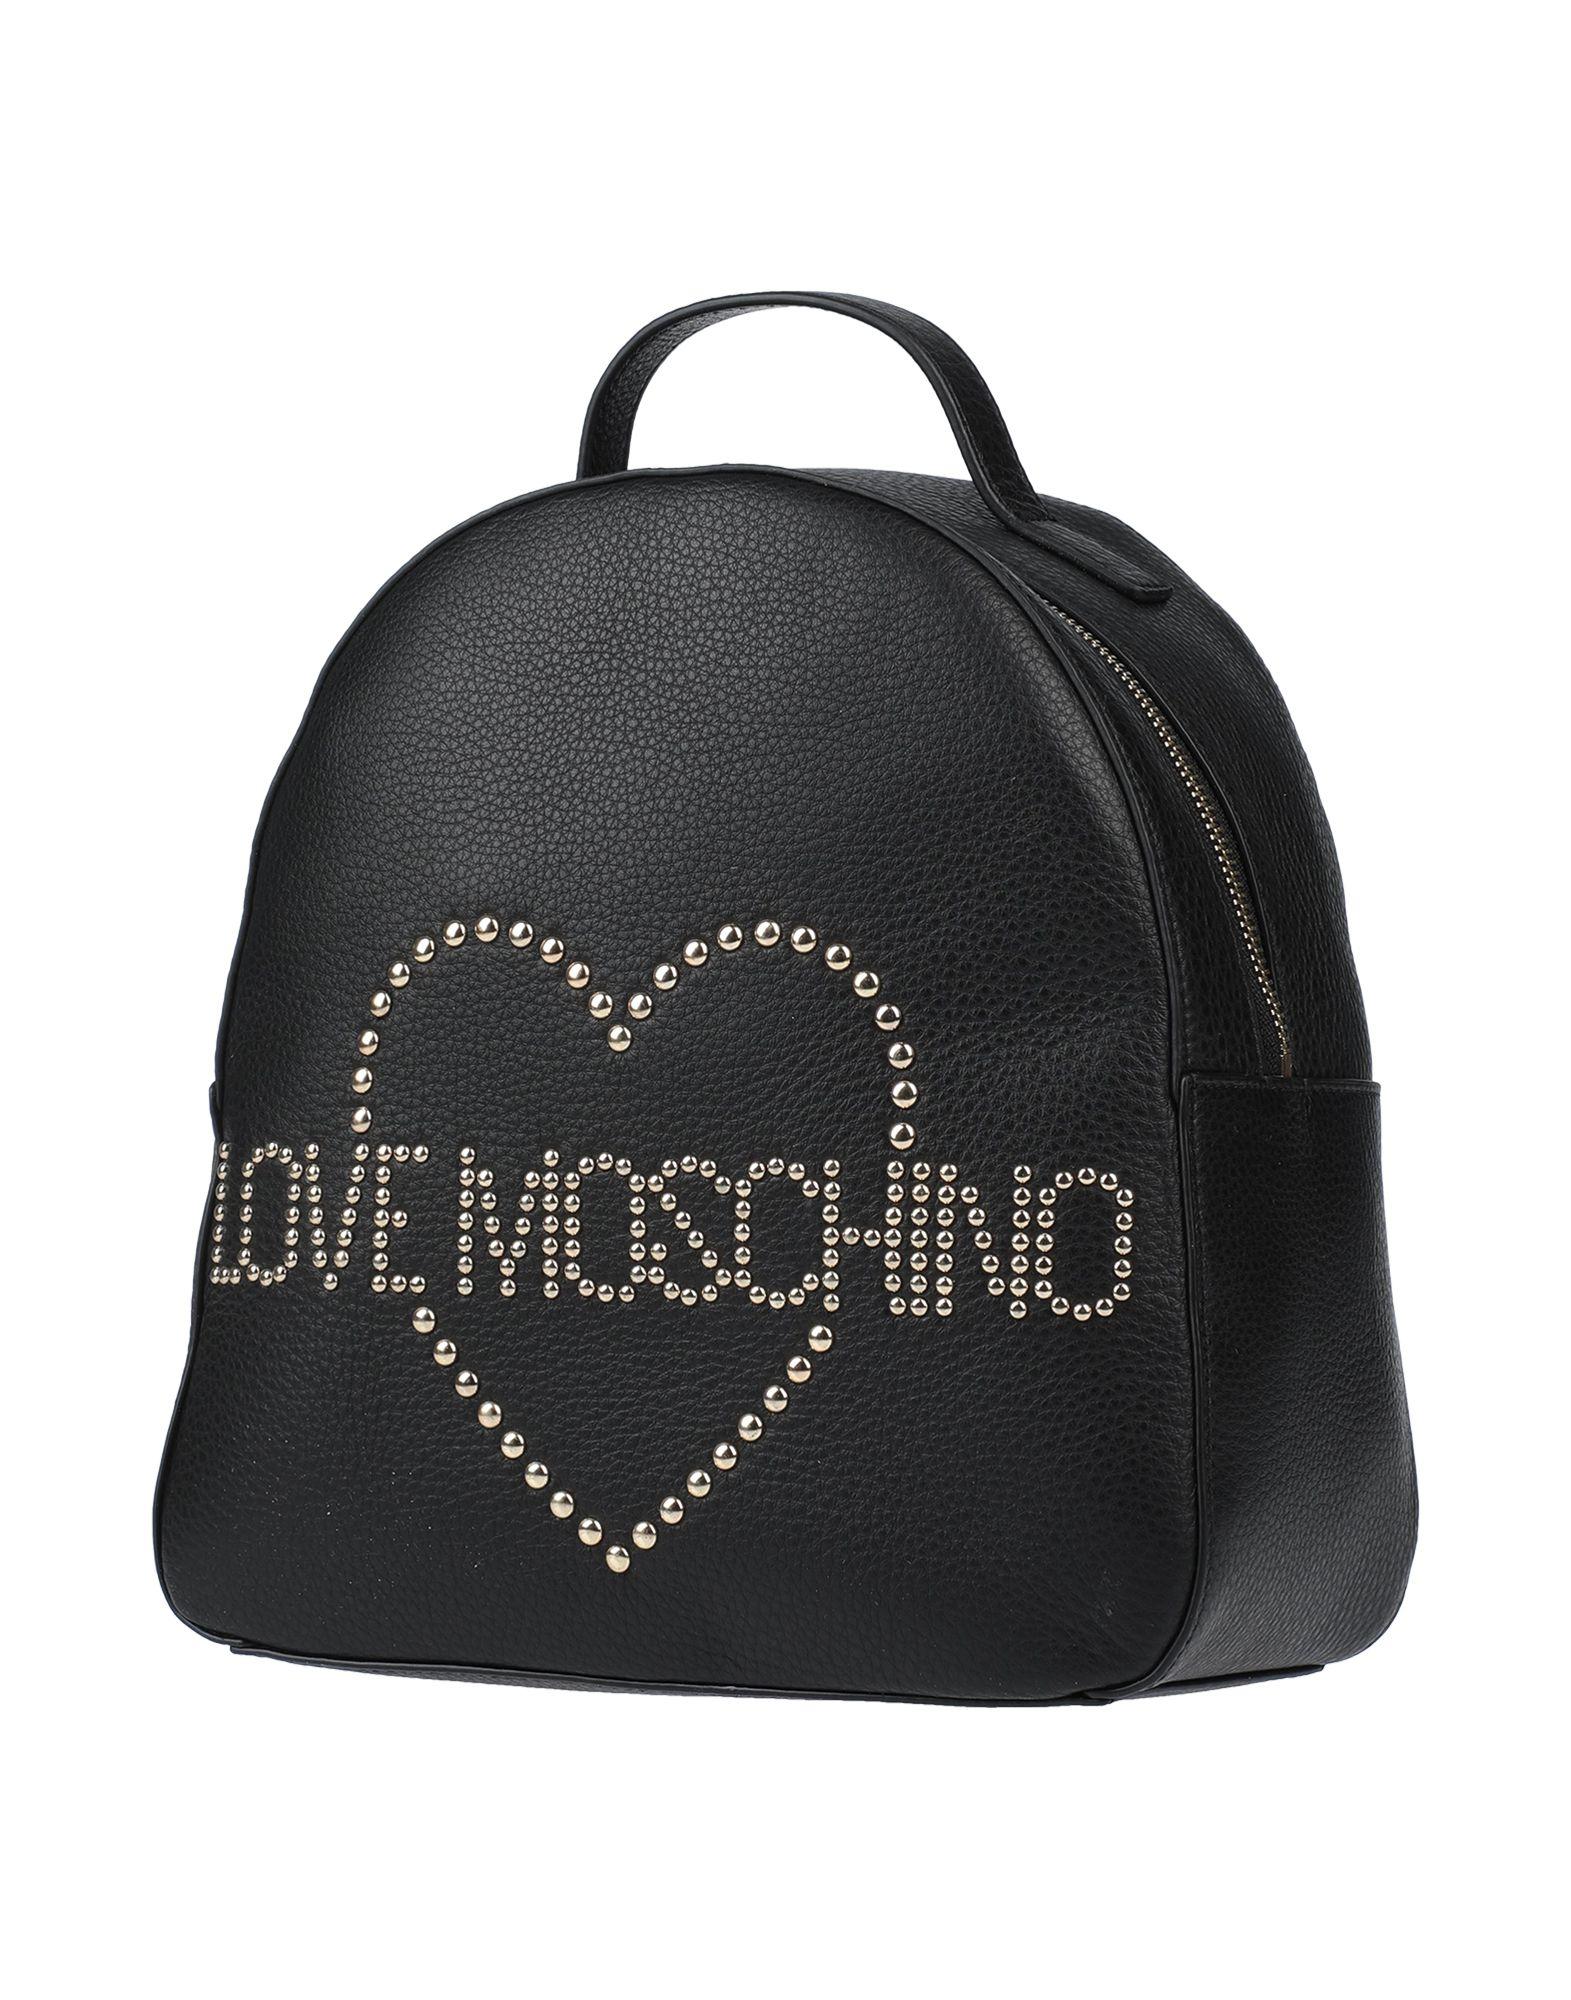 Фото - LOVE MOSCHINO Рюкзаки и сумки на пояс love moschino рюкзаки и сумки на пояс